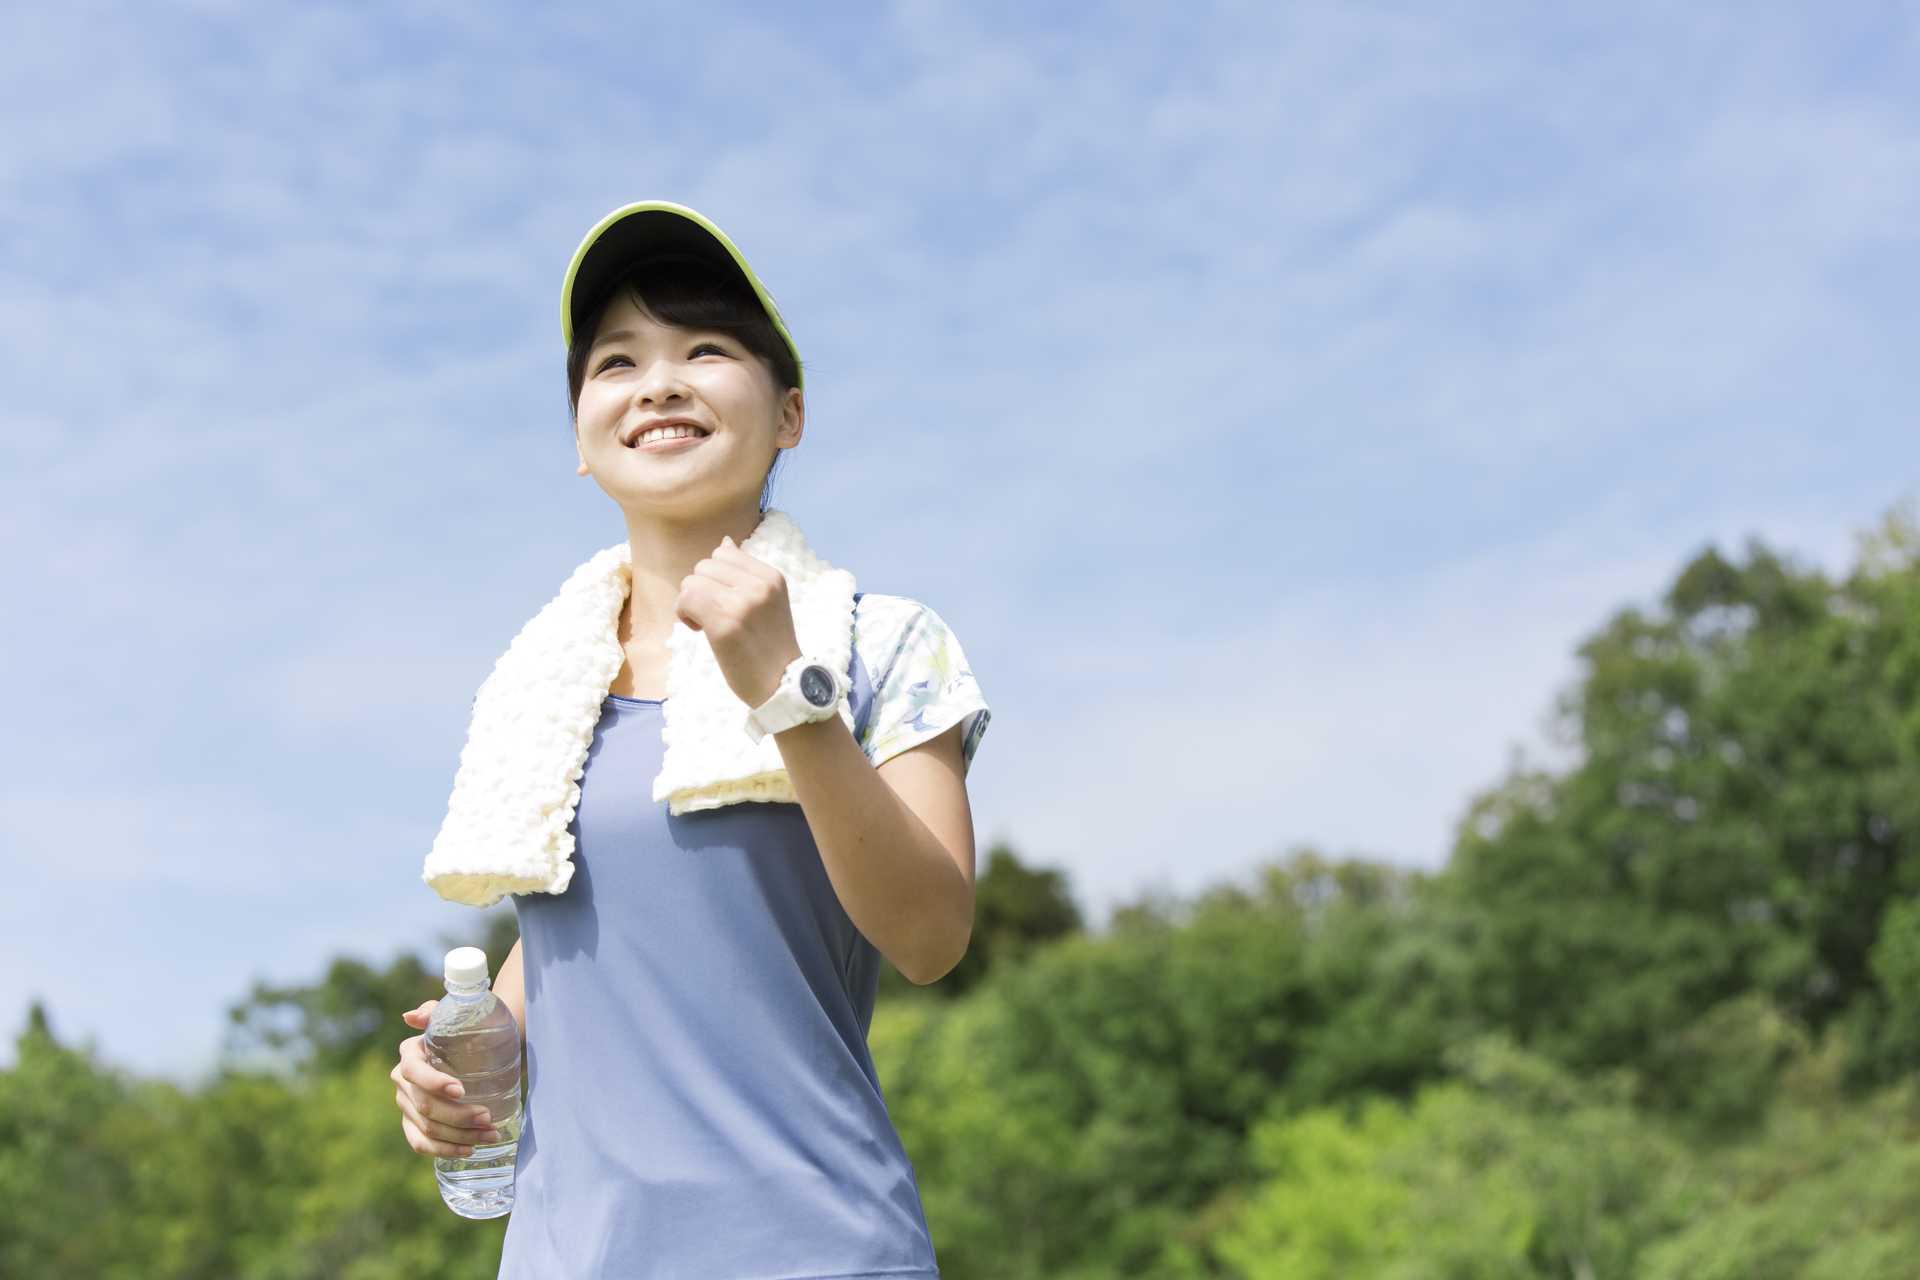 健康を意識するなら、最低でも1日5,000歩は歩くべきだ。 | 健康のためになる30の散歩術